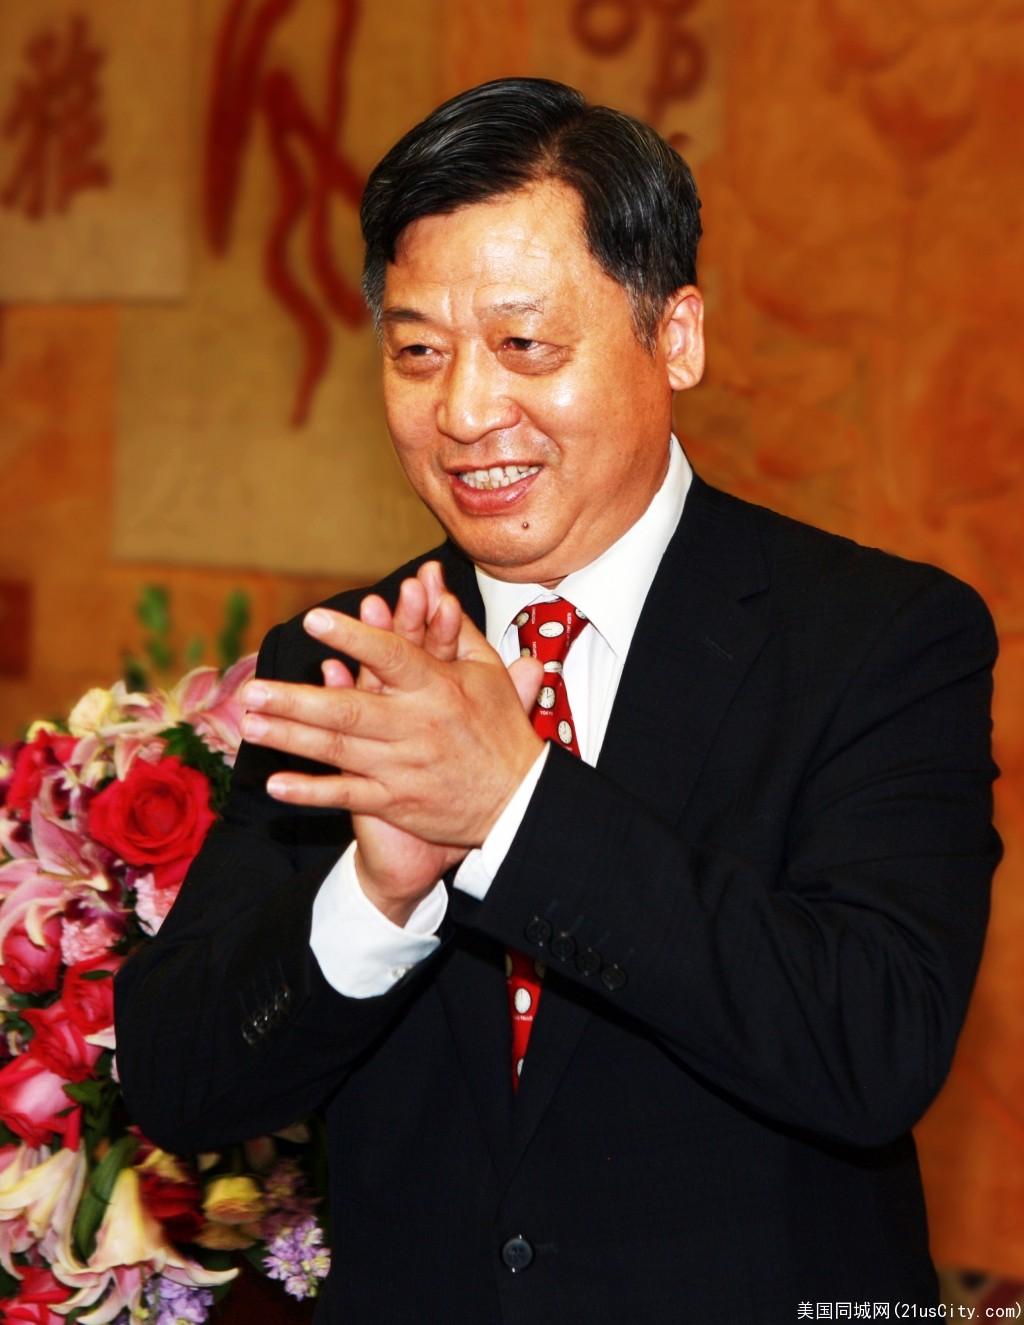 中国驻休斯敦总领事李强民向大家拜早年!祝大家阖家幸福!万事如意!